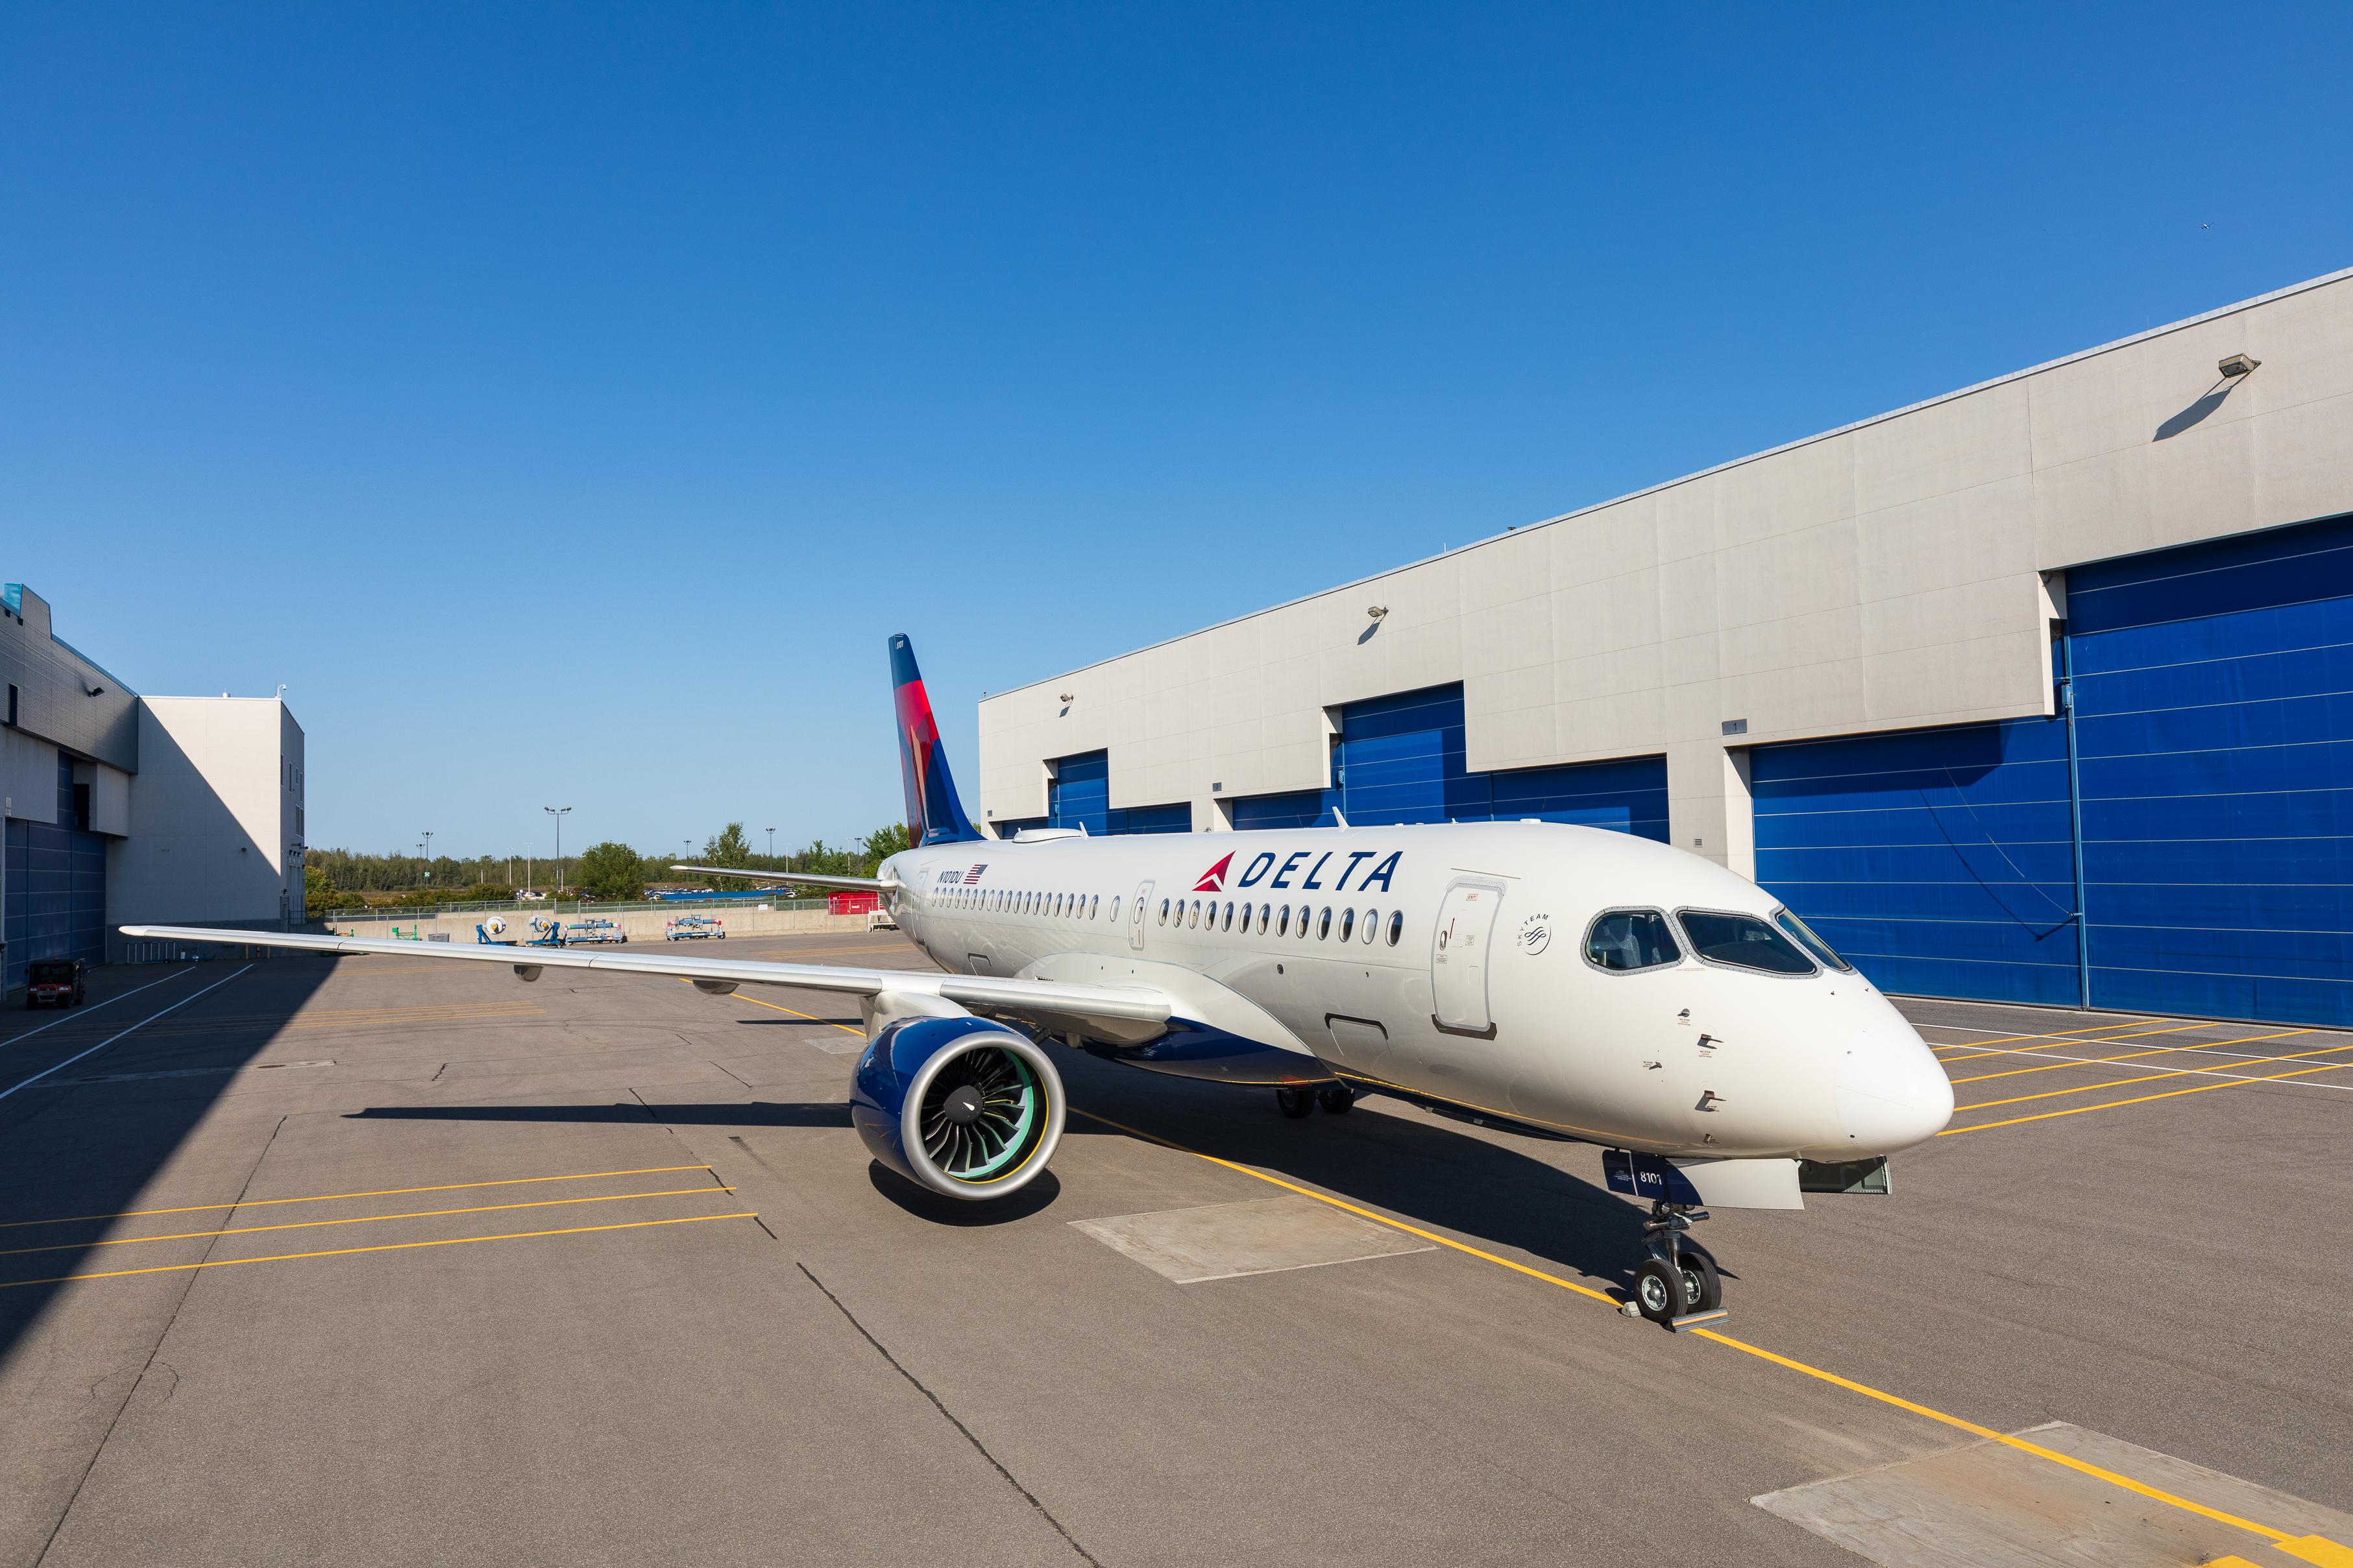 Den første A220-100, der skal leveres til Delta, er netop kørt ud af malerhallen i Canada. Foto: Delta Air Lines